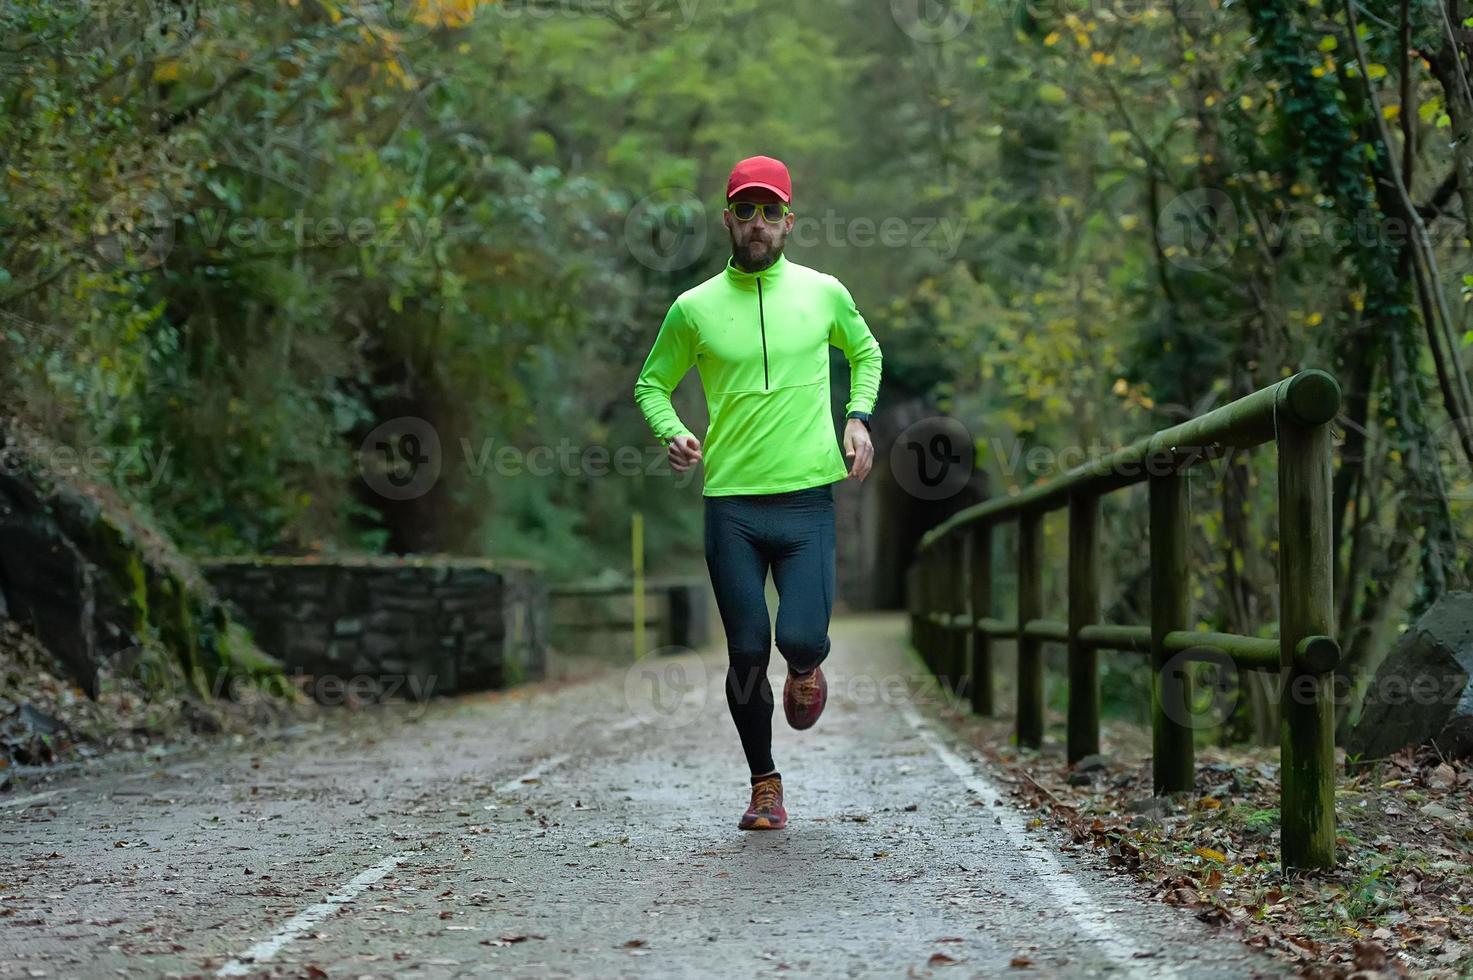 homme athlète court sur piste cyclable à l'automne photo